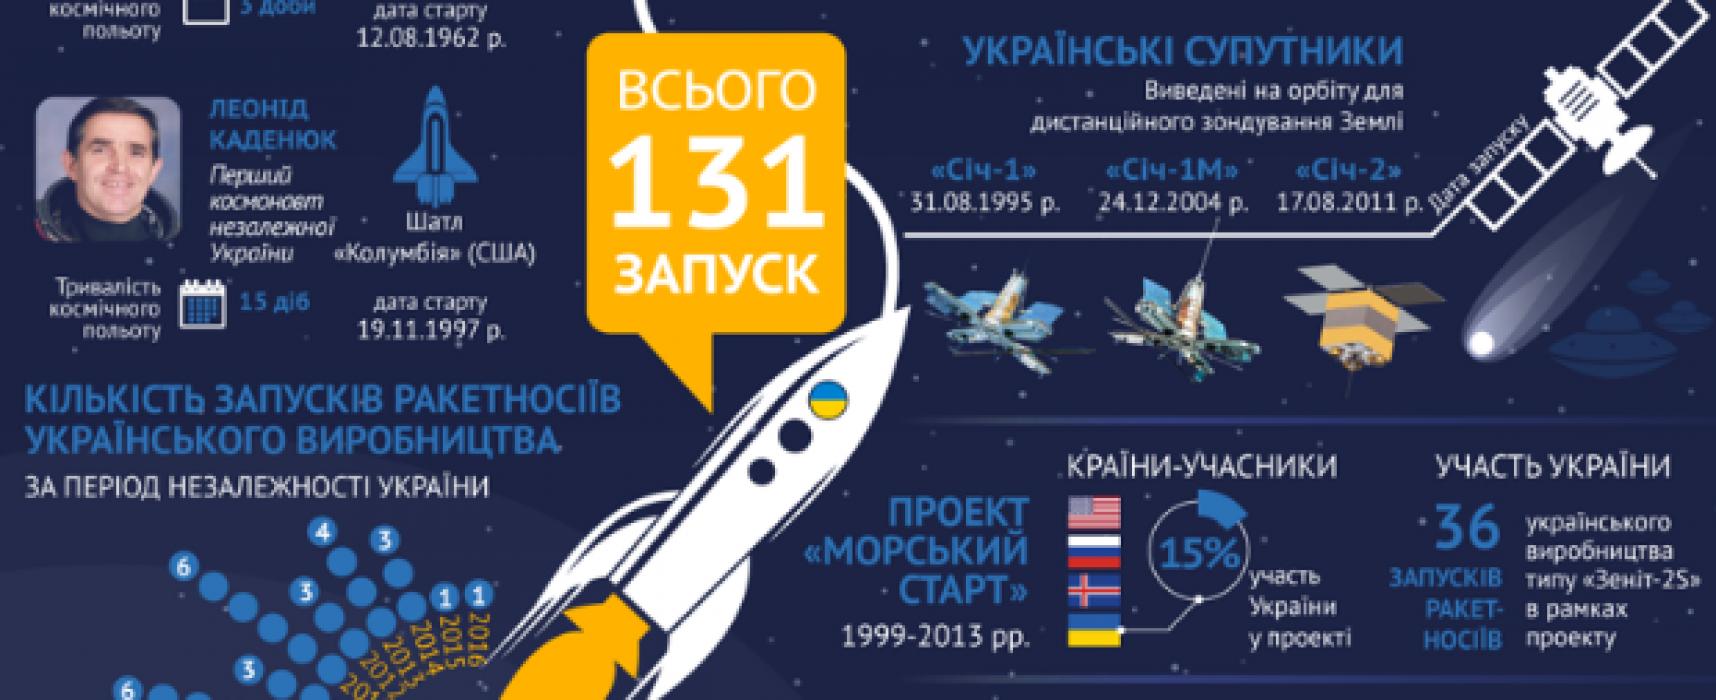 """Falso: La ciencia y tecnologías de Ucrania """"están a punto de morir"""""""